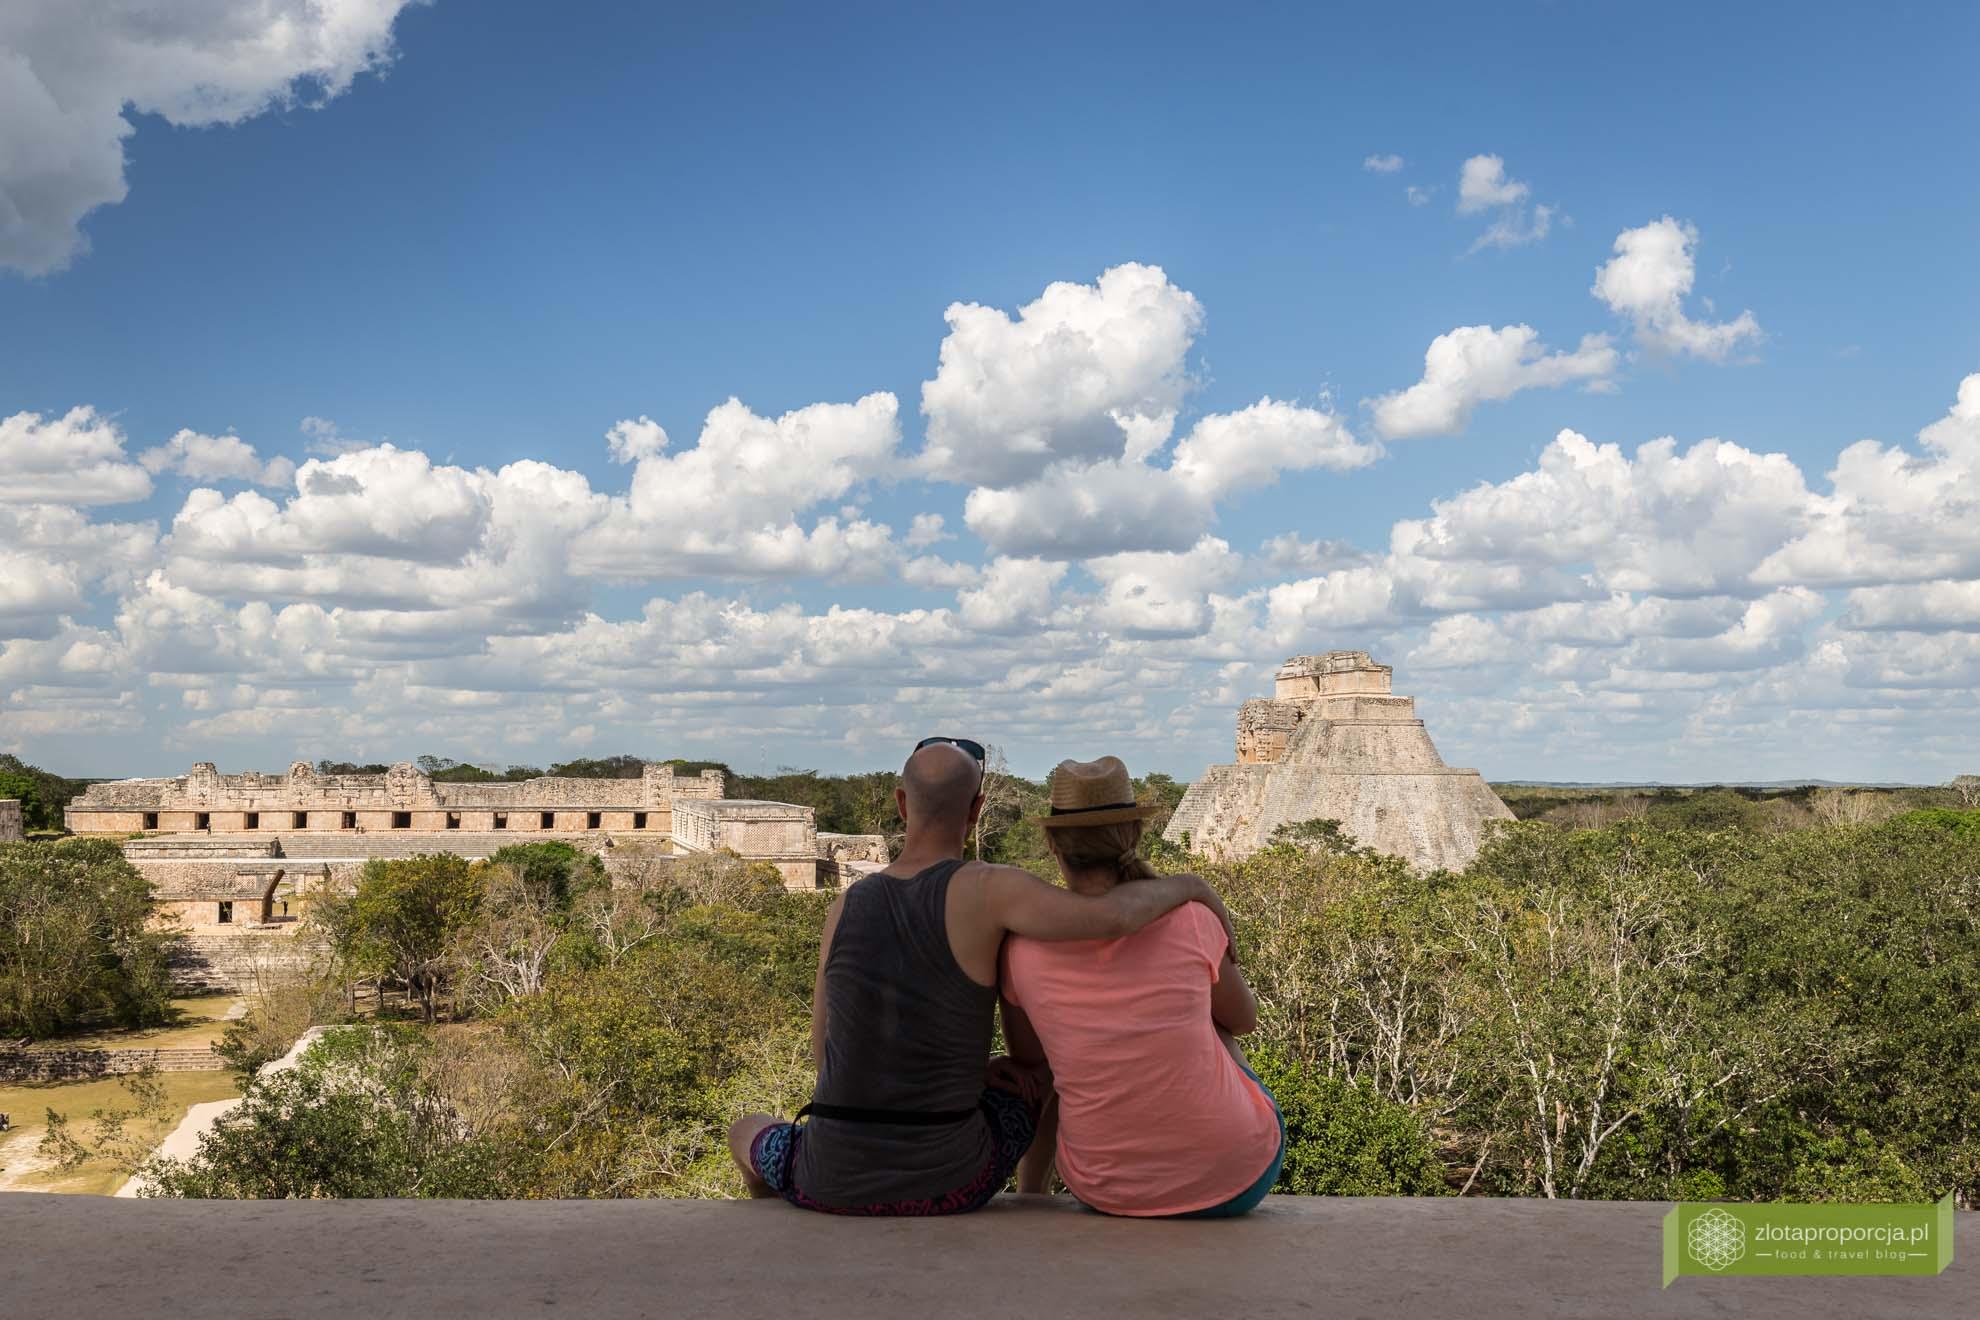 Uxmal; strefa archeologiczna Uxmal; Miasto Majów Uxmal; Uxmal zwiedzanie; Jukatan; Meksyk; Miasto Majów; Puuc; Ruta Puuc; Pałac Gubernatora; Pałac Gubernatora Uxmal;